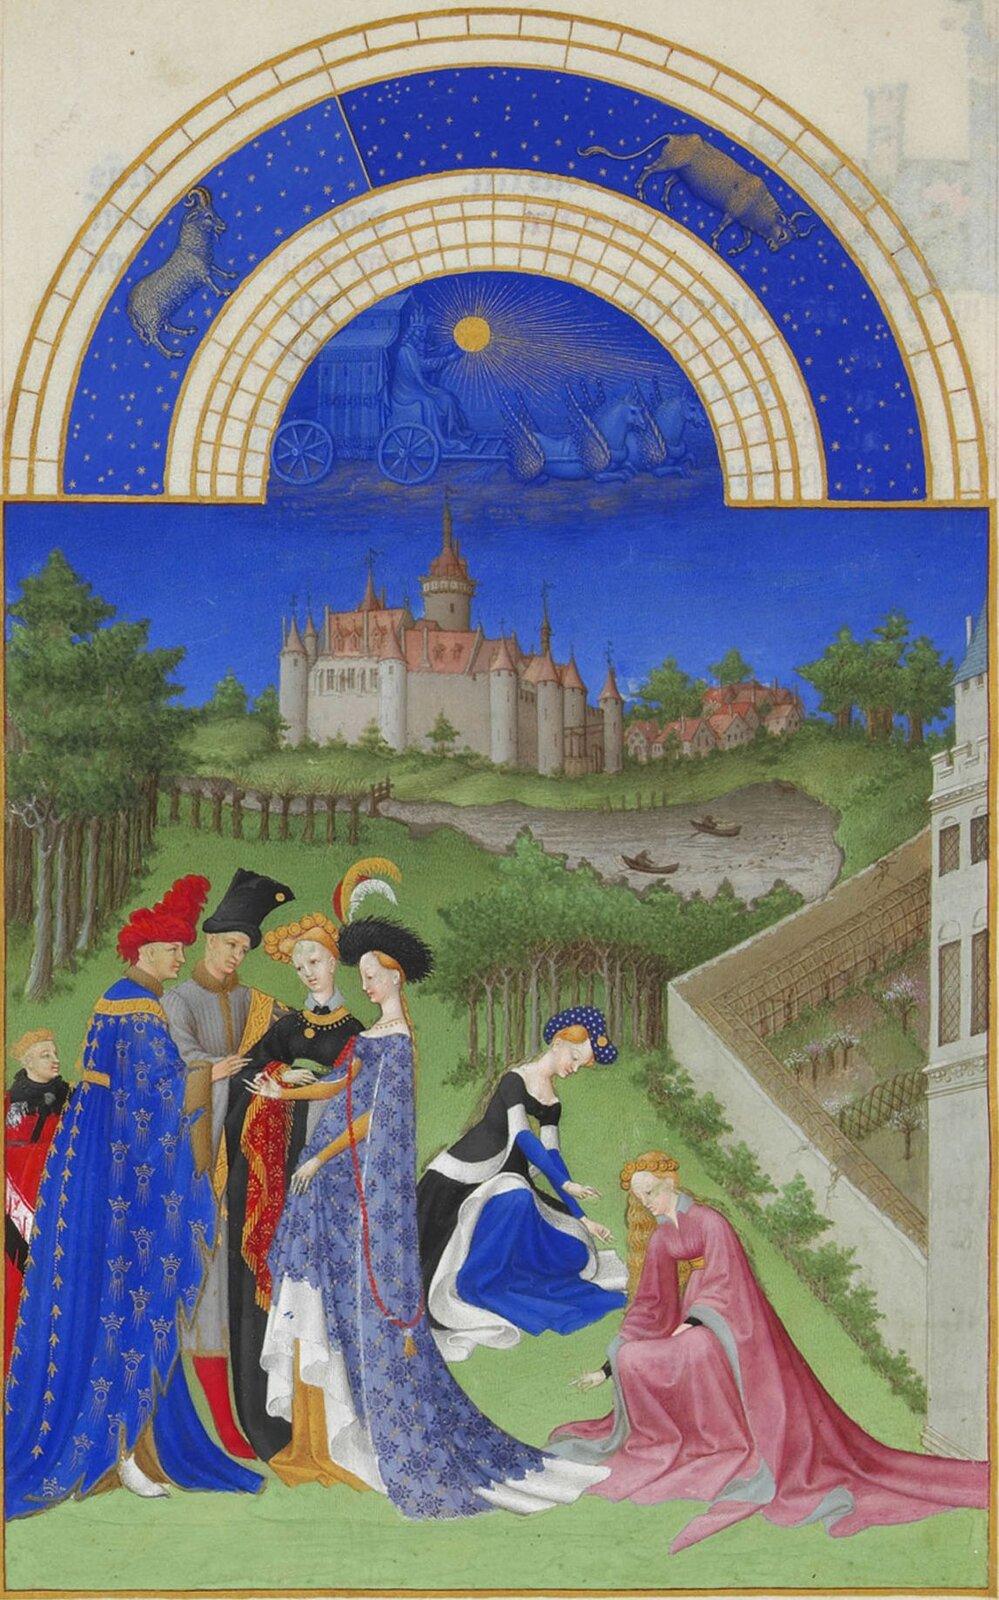 Bracia Limbourg, Très Riches Heures du duc de Berry (Bardzo Bogate Godzinki księcia de Berry), miniatura zcyklu Kalendarza, ok. 1415, rękopis iluminowany, pergamin, 29 x21 cm, Musée Condé, Chantilly Bracia Limbourg, Très Riches Heures du duc de Berry (Bardzo Bogate Godzinki księcia de Berry), miniatura zcyklu Kalendarza, ok. 1415, rękopis iluminowany, pergamin, 29 x21 cm, Musée Condé, Chantilly Źródło: Bracia Limbourg, między 1412 a1416, Musée Condé, domena publiczna.